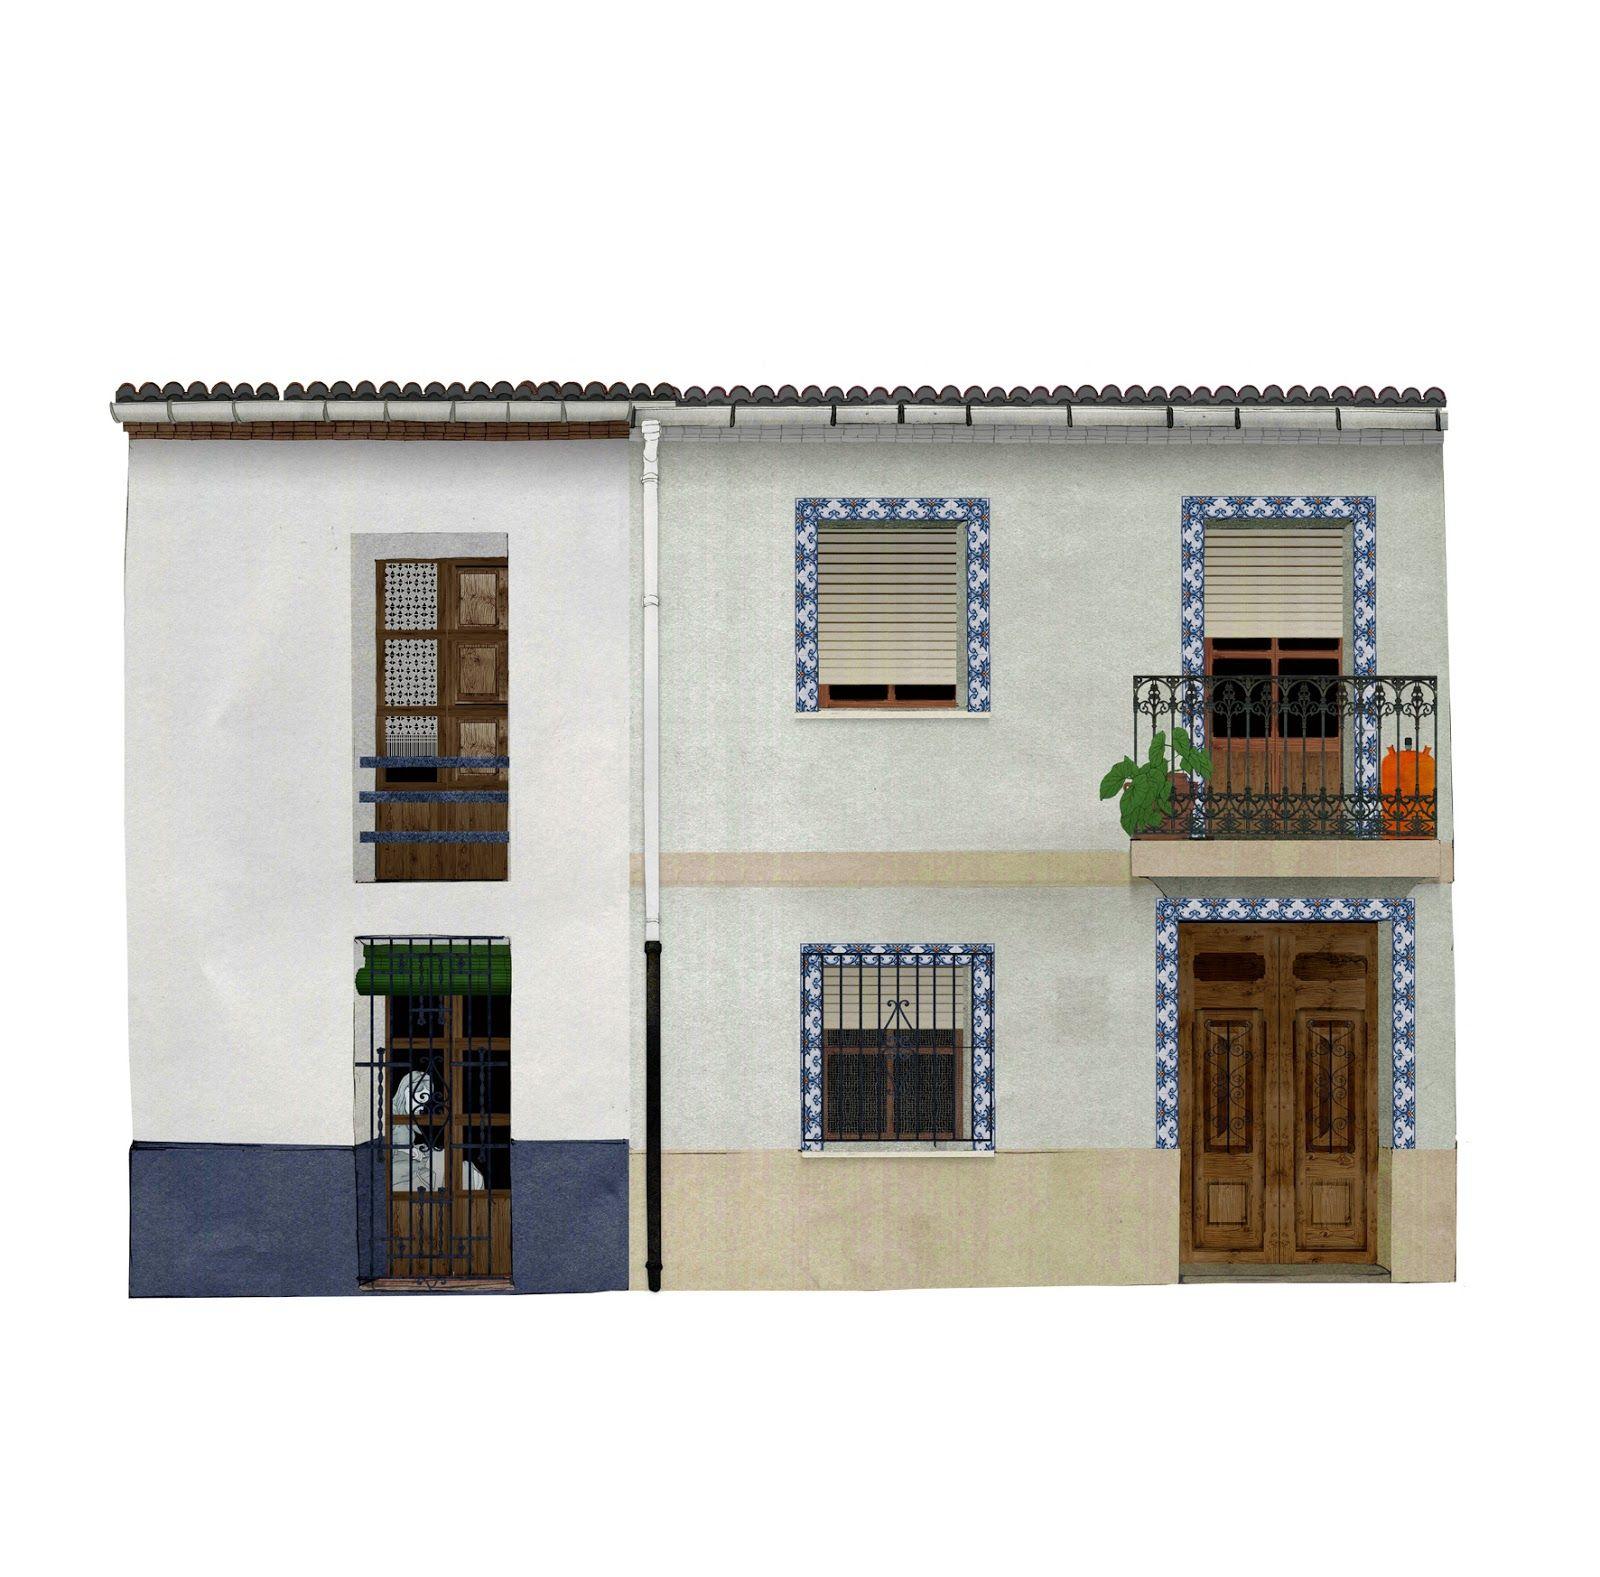 Arquitectura rural, 2 casas